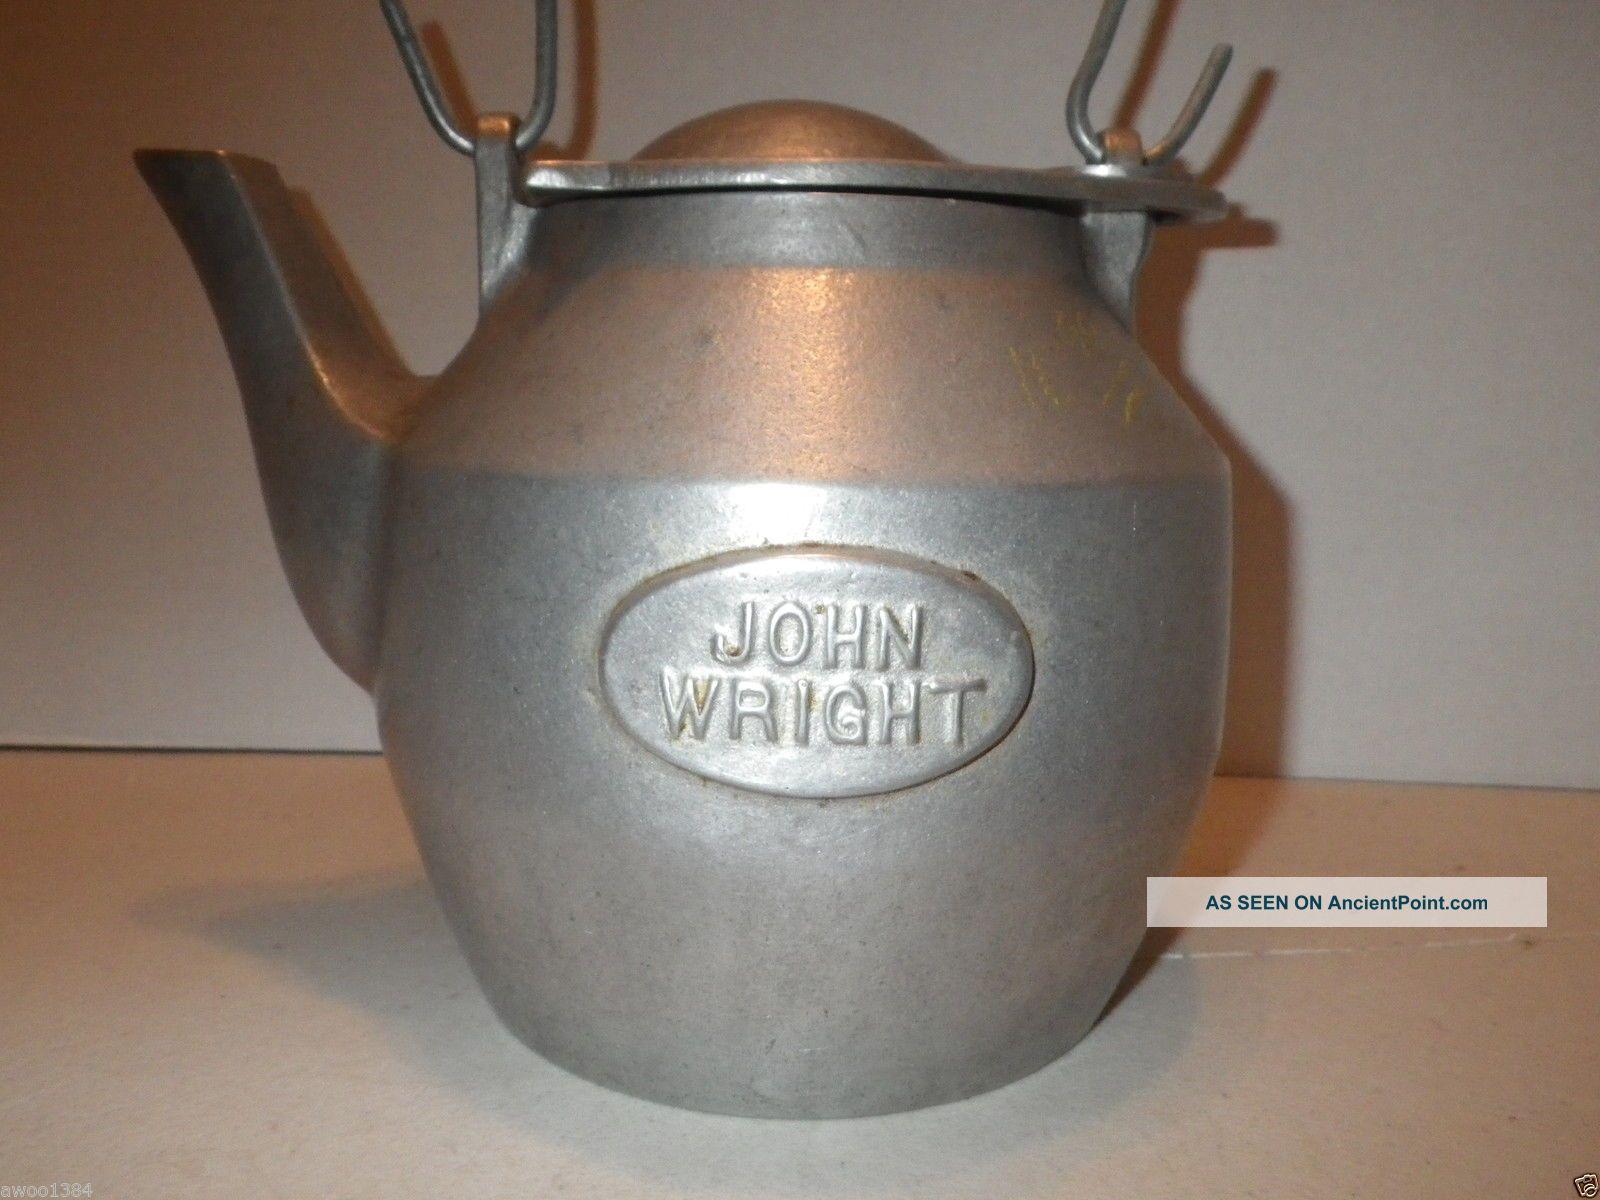 Cast Aluminum Kettle John Wright Teapot Large Stove Humidifier  #624735